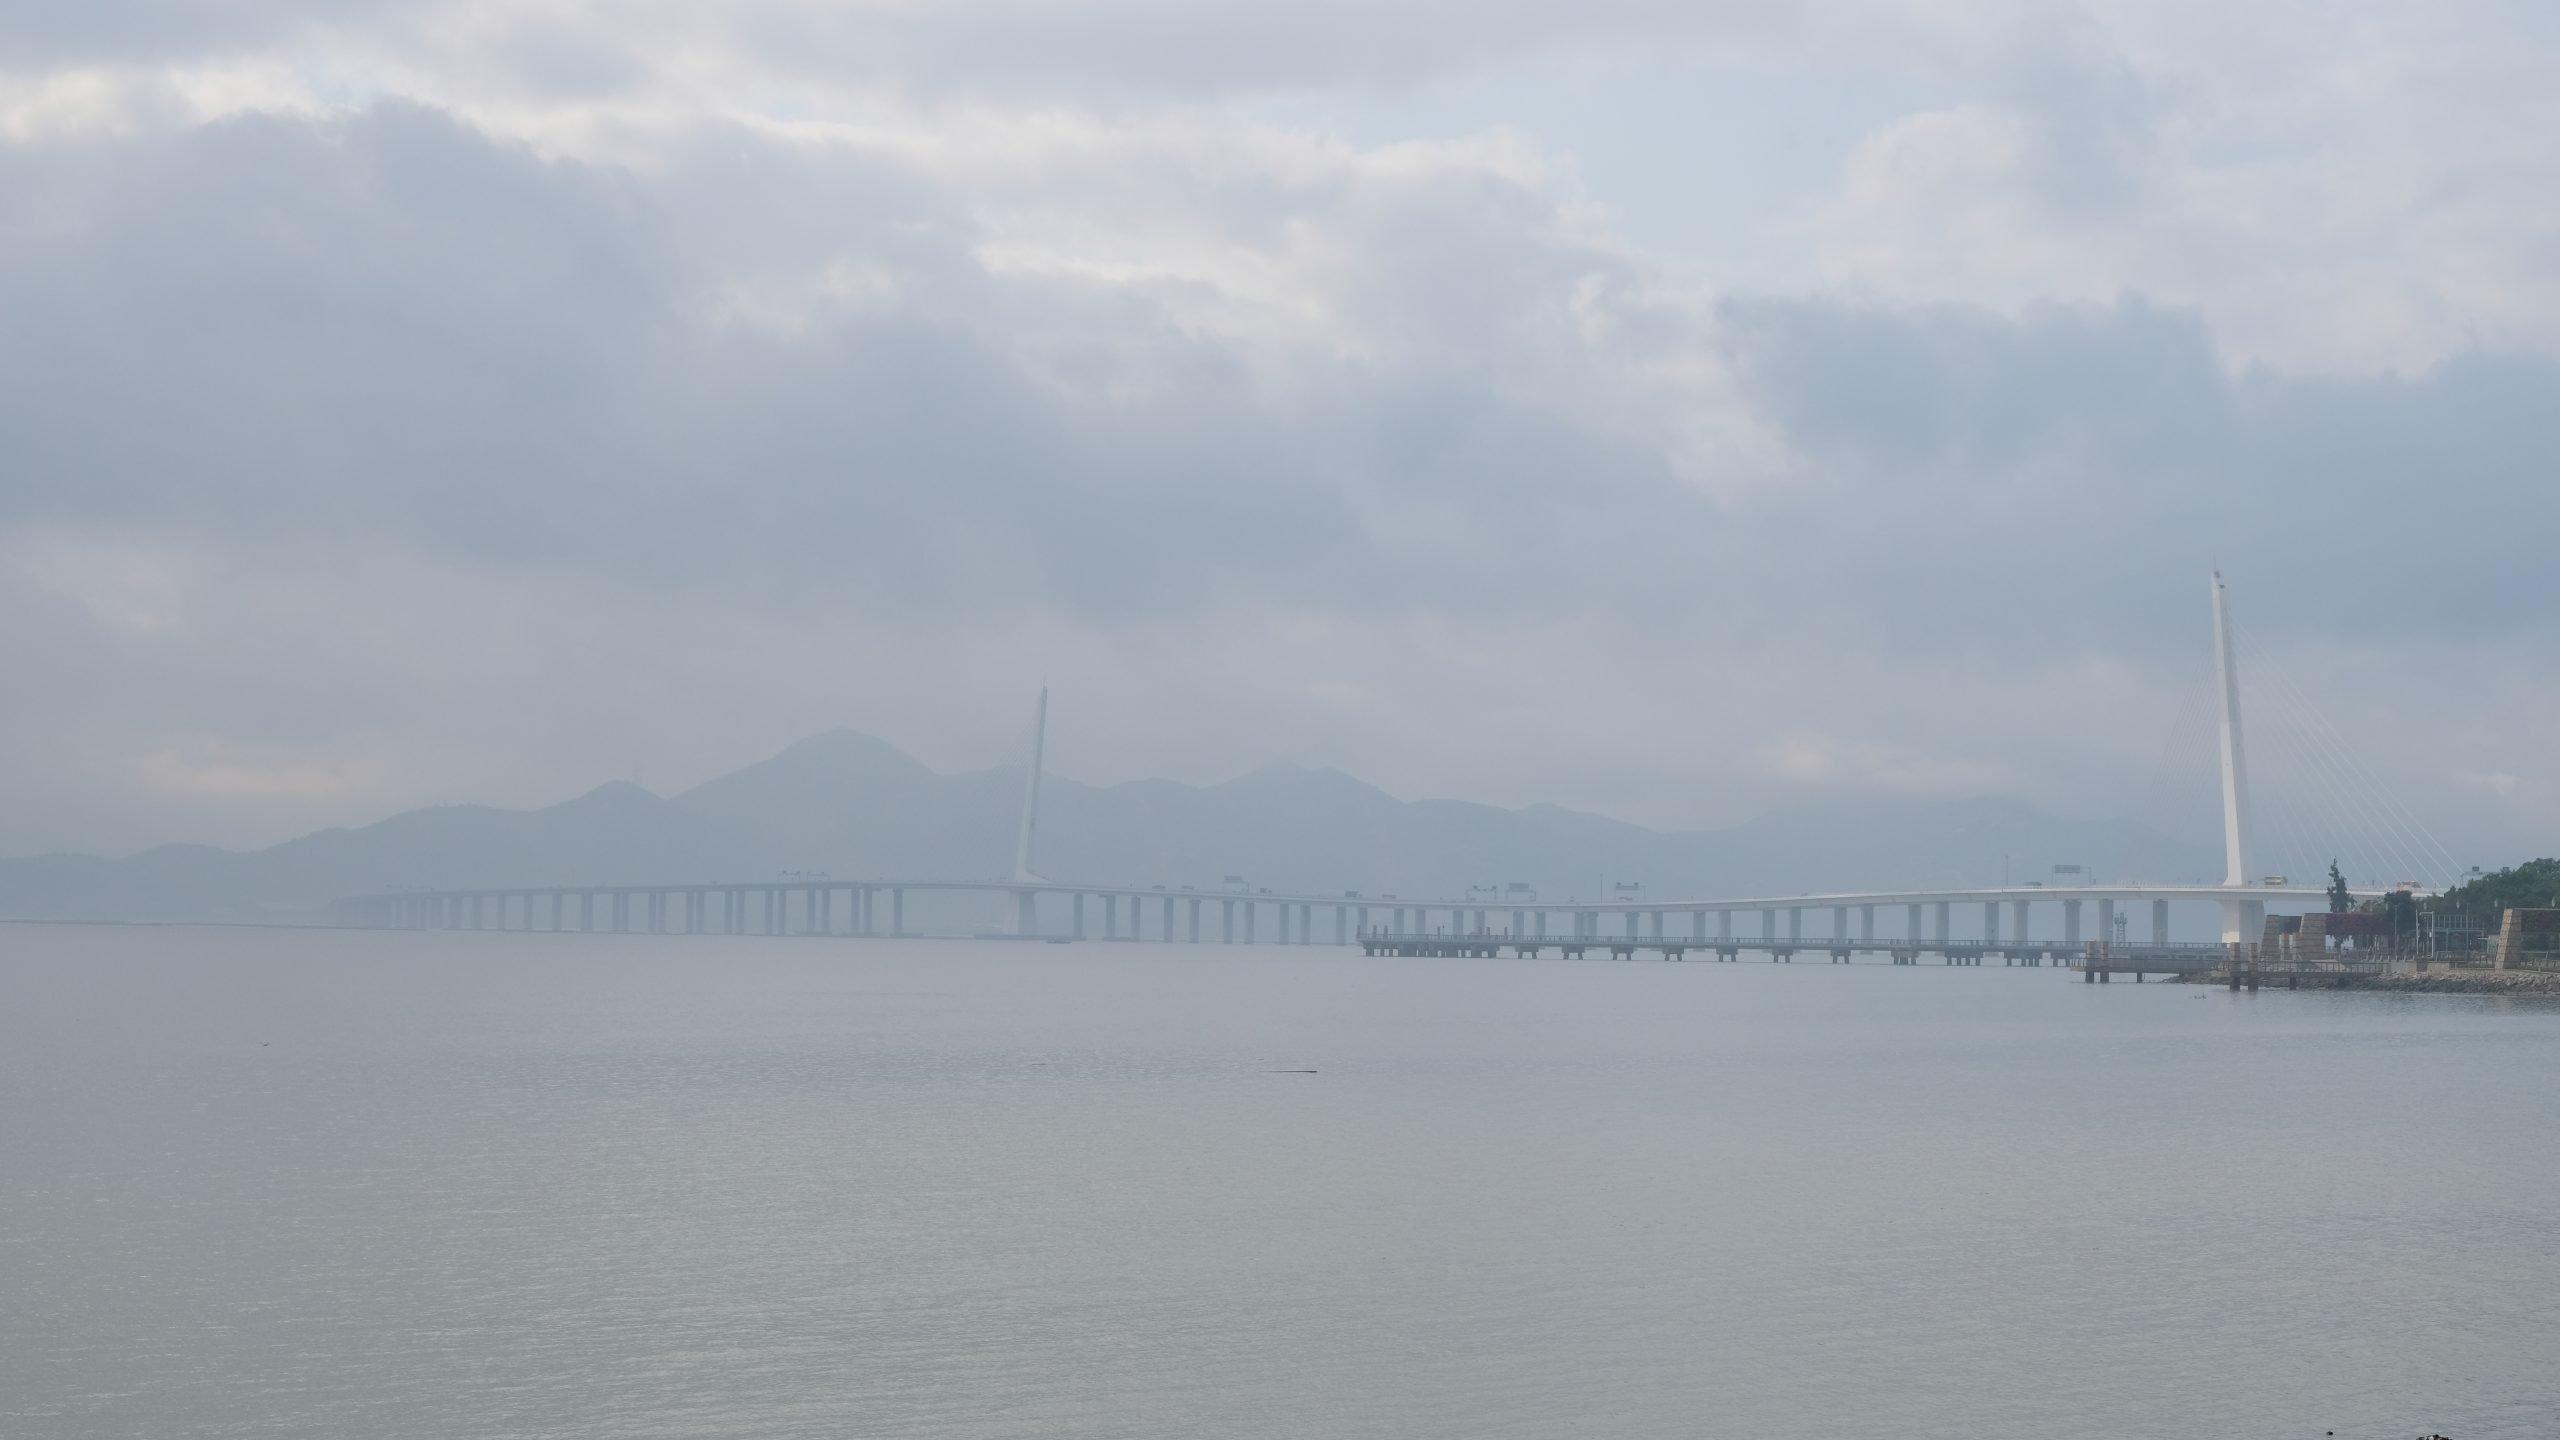 [深圳] 環島旅運專線,一小時內上環直達深圳灣管制站